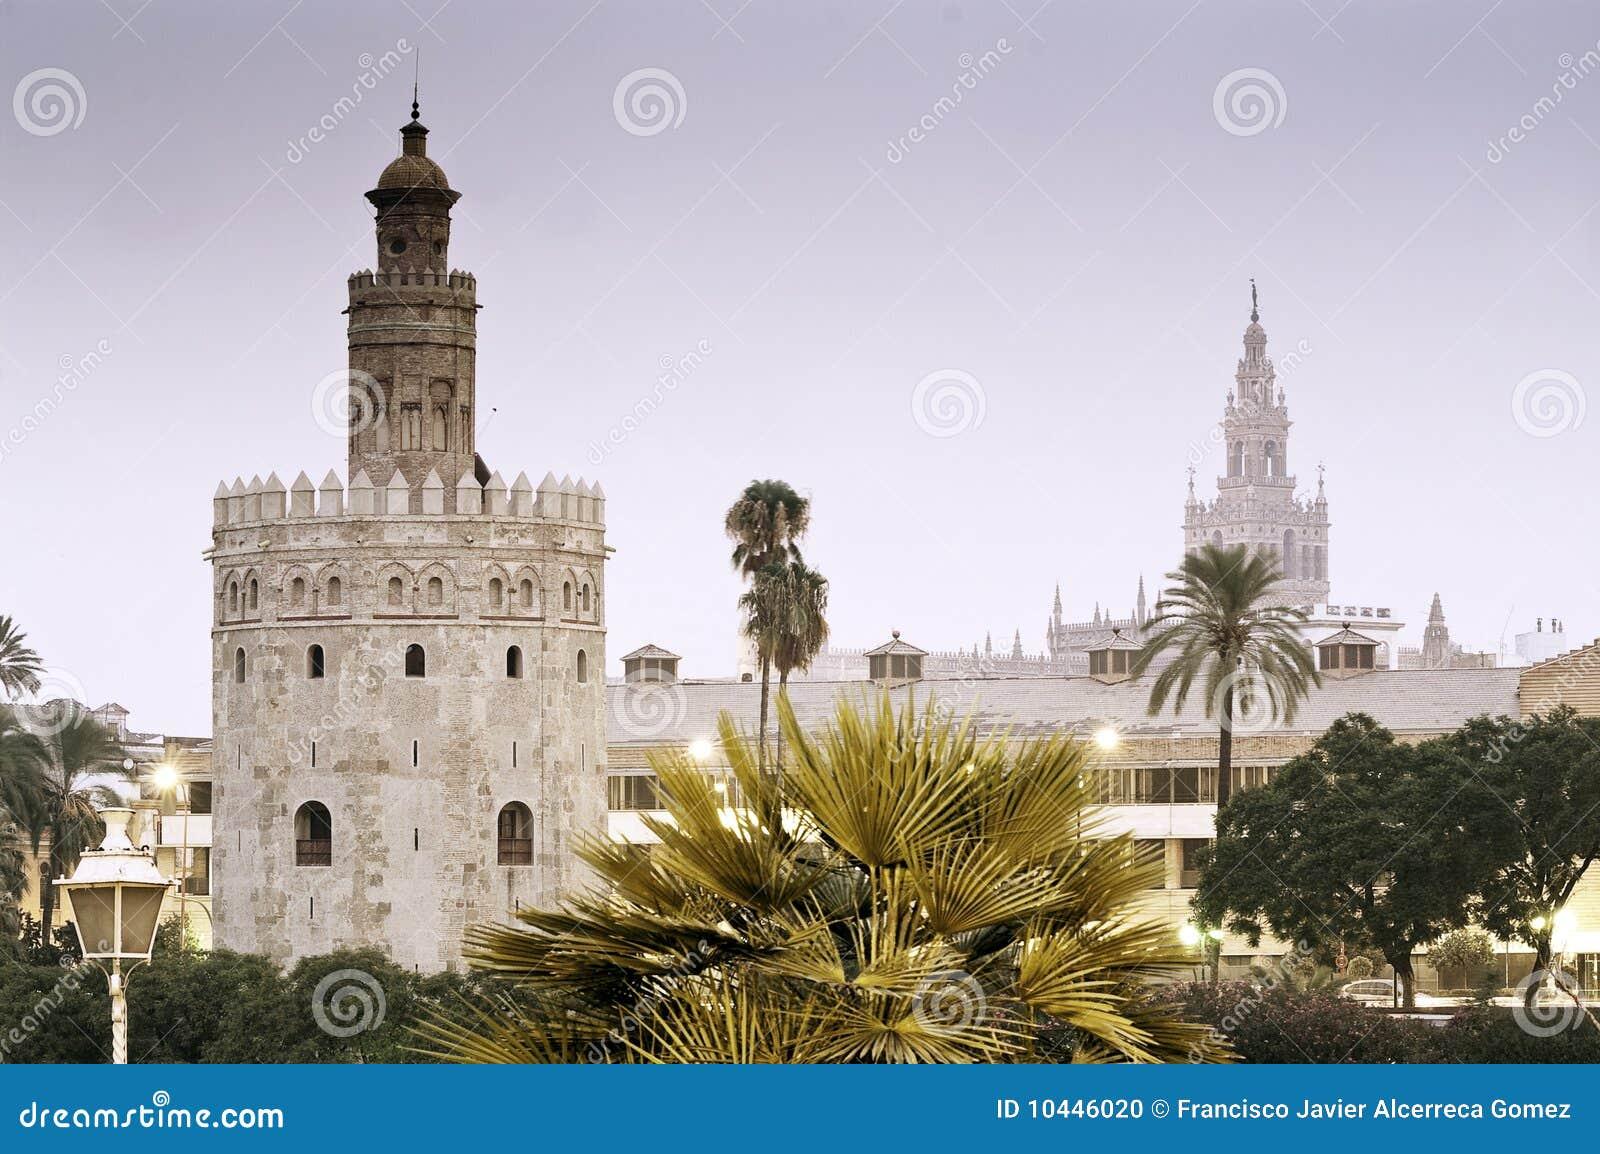 Torre del Oro e Giralda